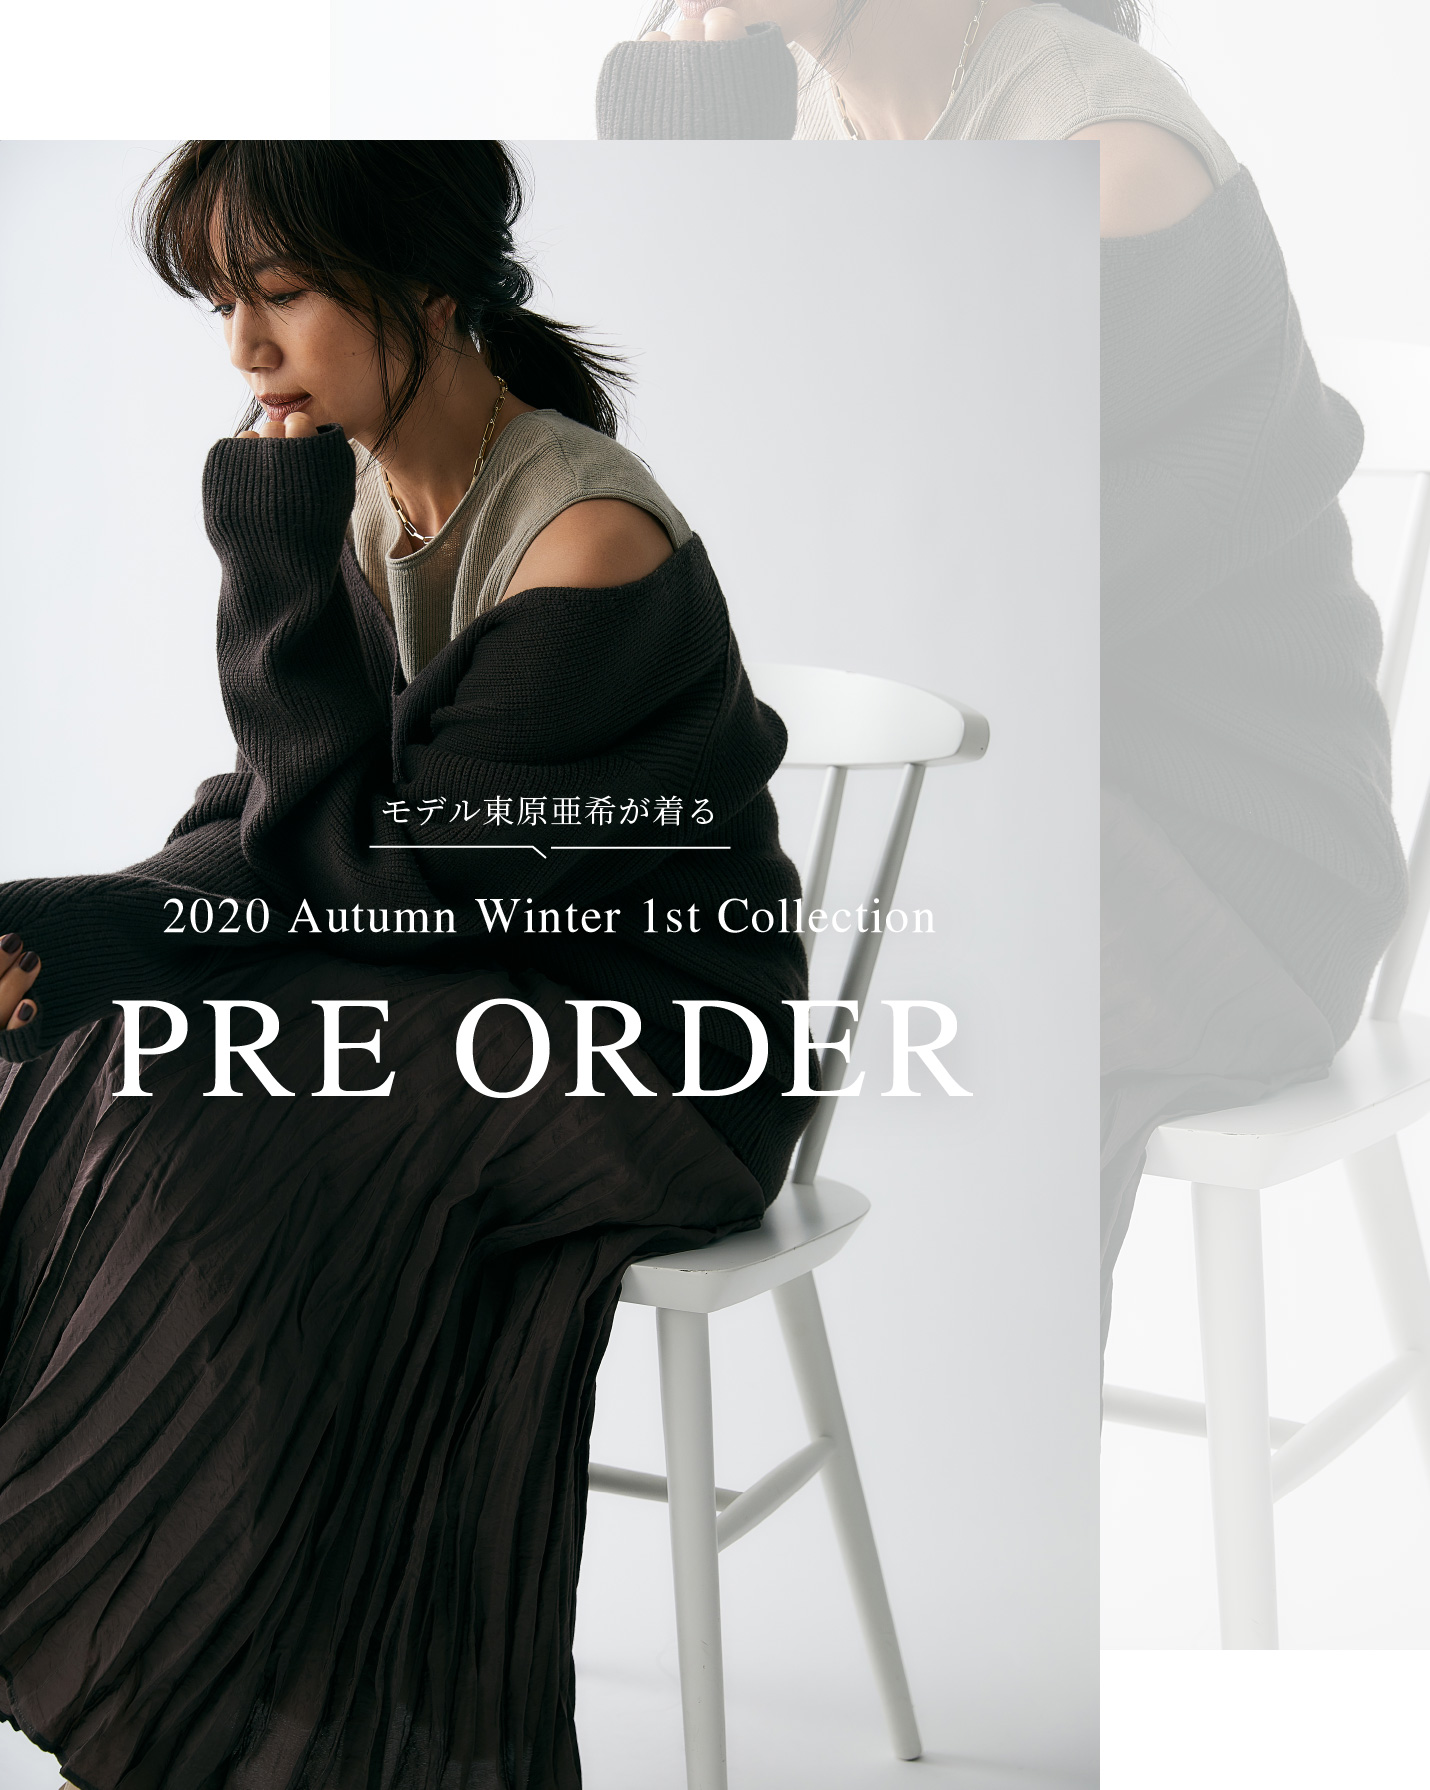 モデル東原亜希が着る2020 Autumn Winter 1st Collection